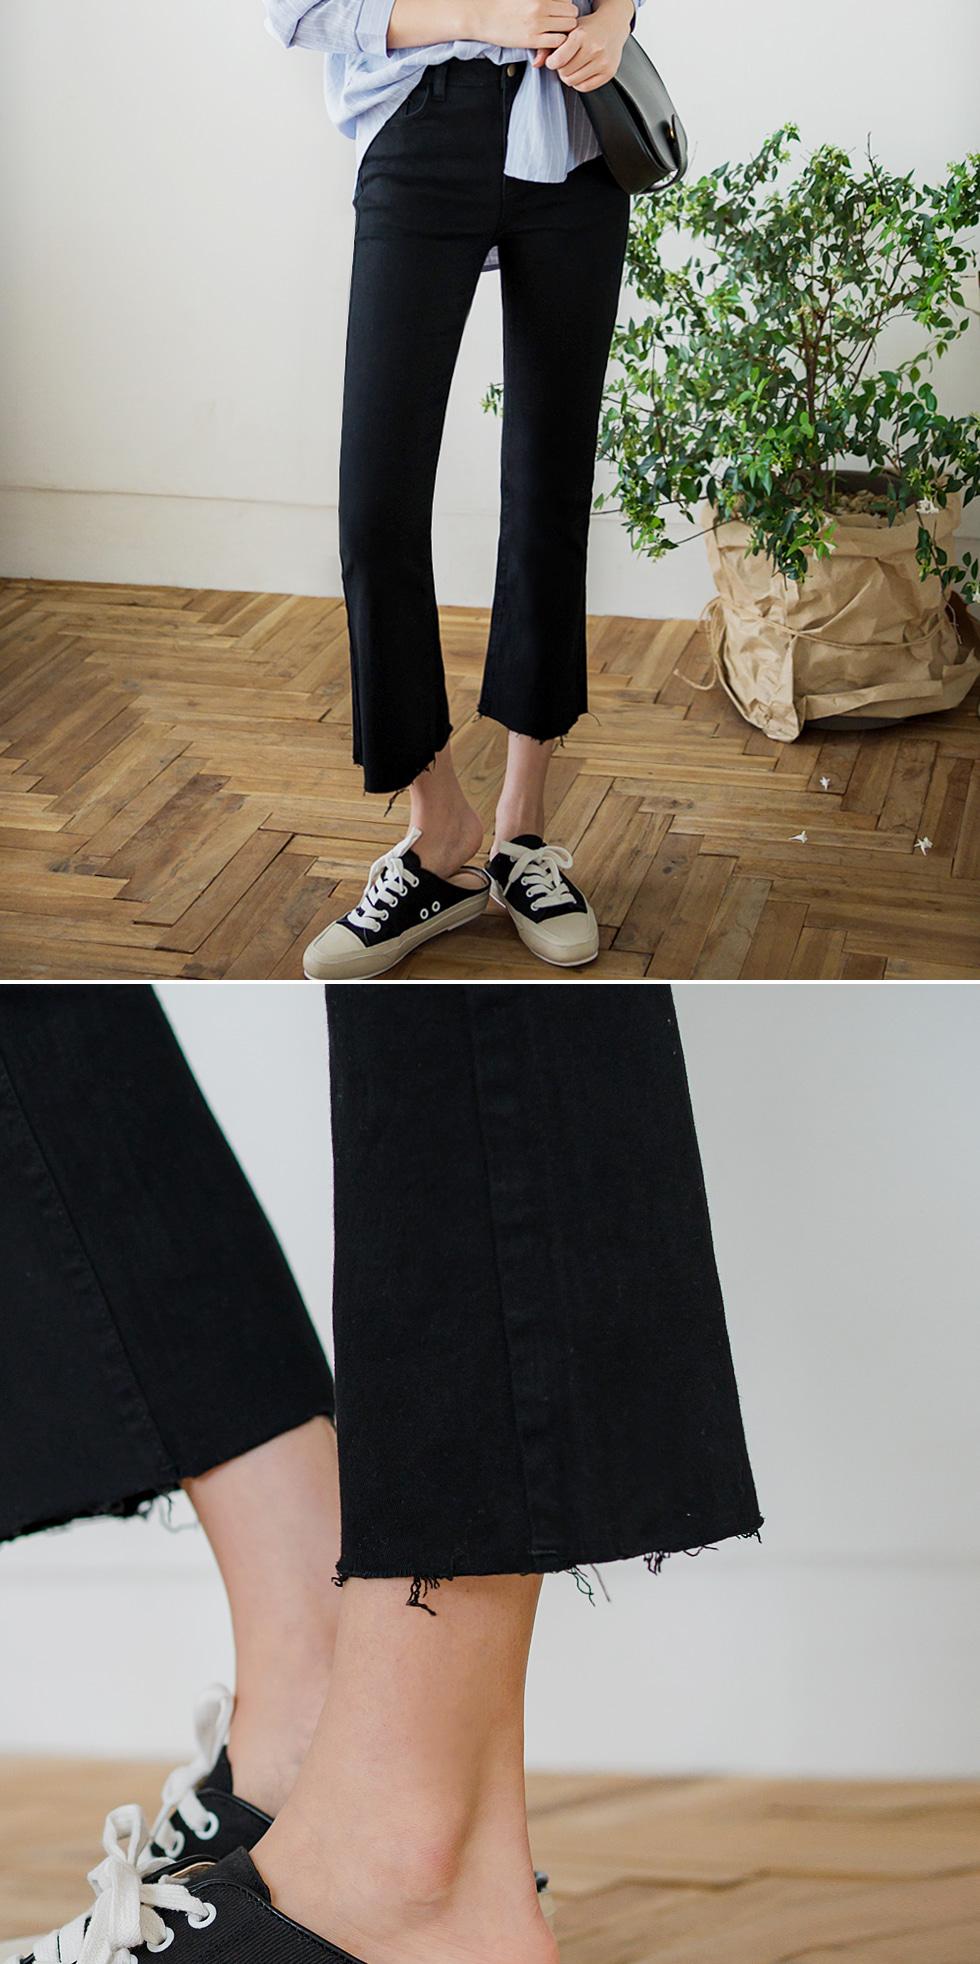 Liner semi-boots cut